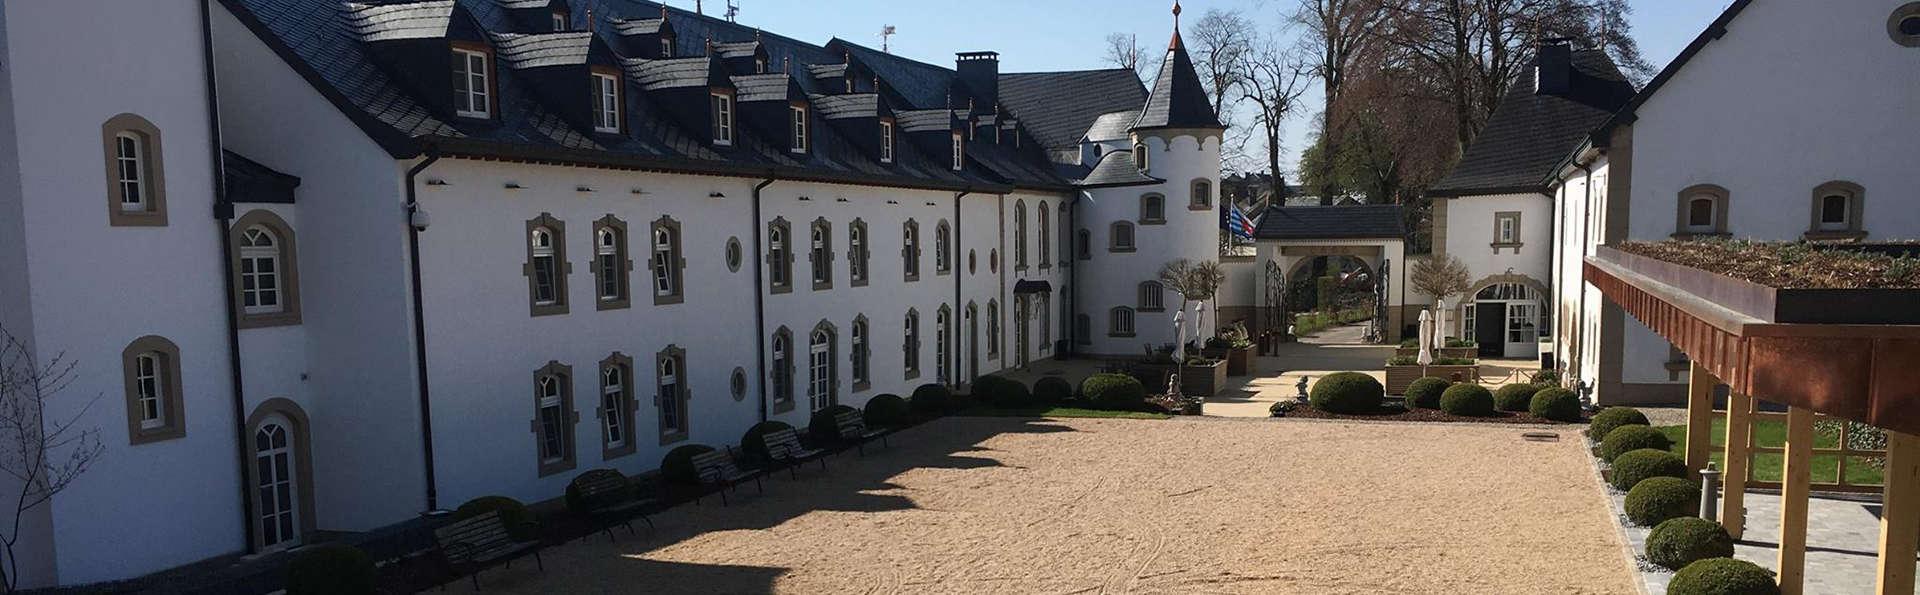 Château d'Urspelt - edit_facade3.jpg